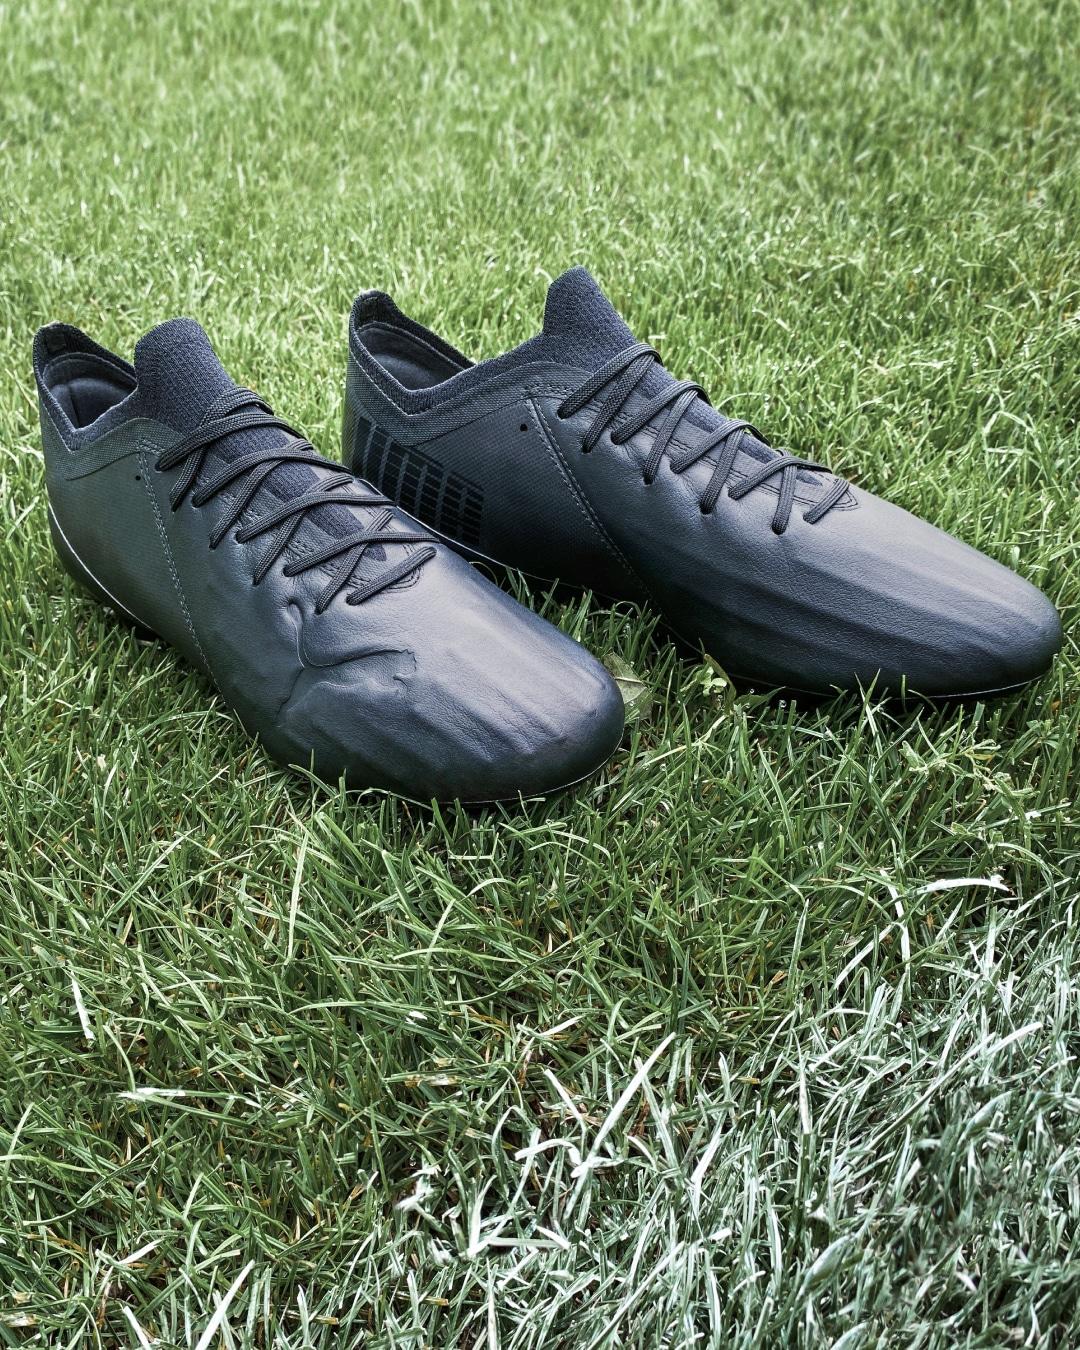 puma-ultra-leather-cuir-7